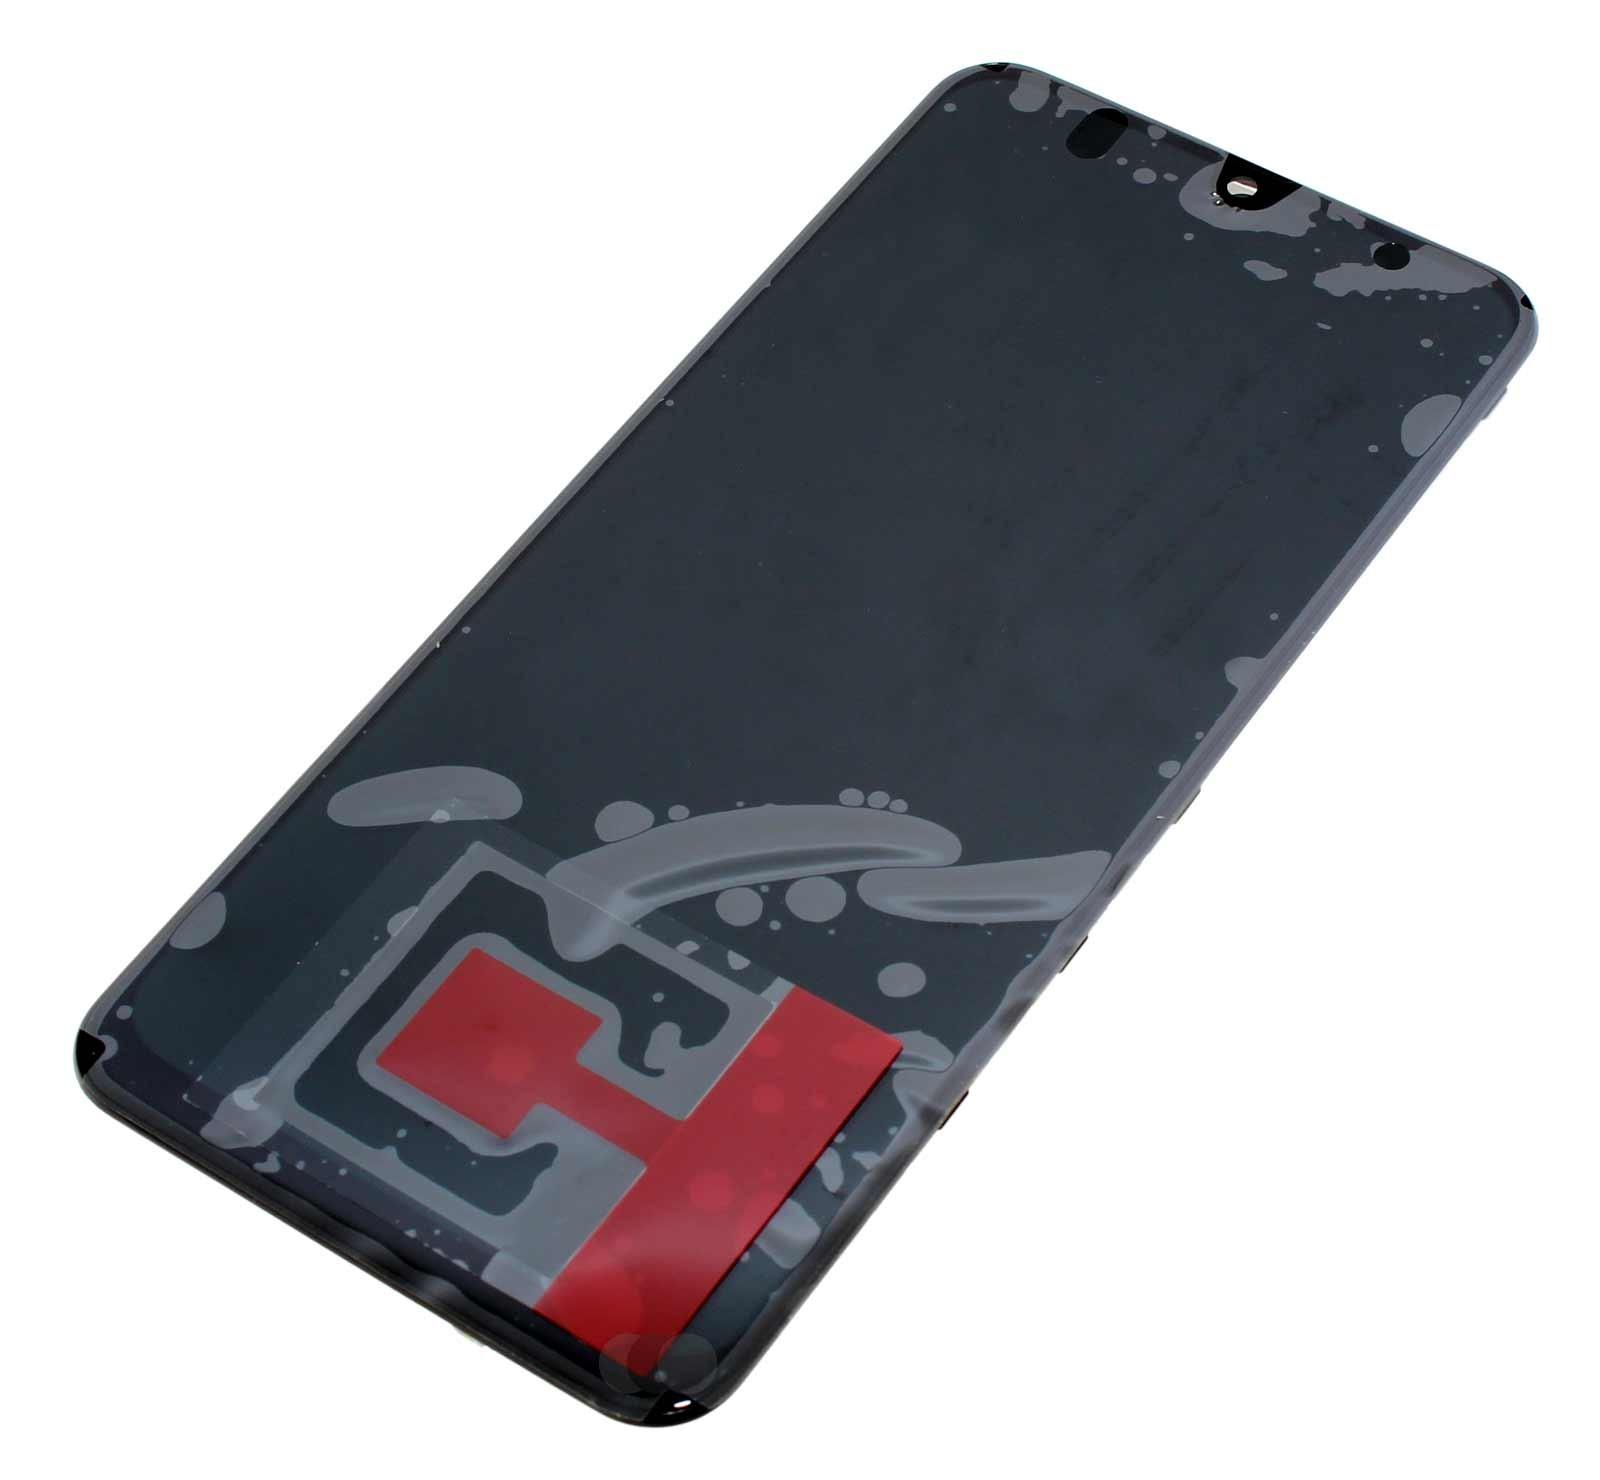 Samsung GH82-19204A Display Bildschirm LCD Kompletteinheit für Samsung Galaxy A50 SM-A505F Handy, schwarz